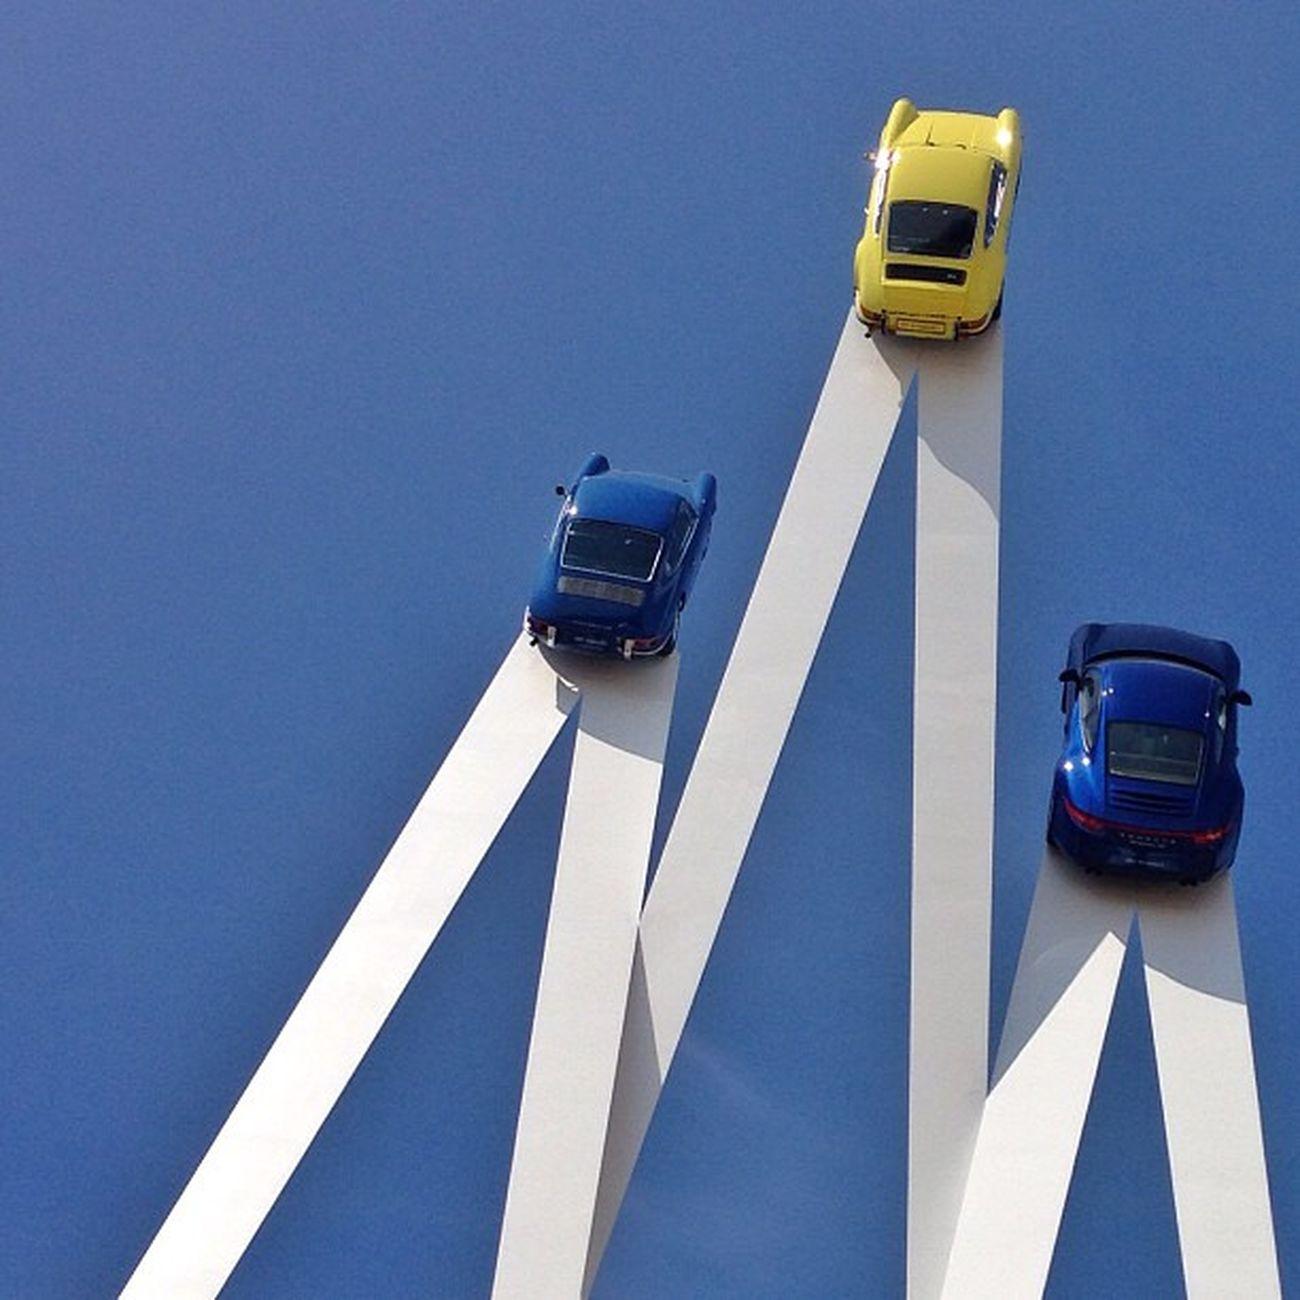 Porsche to the #sky ?☀️??☀️ #fos #goodwood #jaguar #porsche #car #gf_uk #gang_family #ig_england #gi_uk #allshots_ #aauk #yourturnbritain Sky Car Porsche JAGUAR Gang_family GoodWood Allshots_ Gf_uk Gi_uk Ig_england Aauk Yourturnbritain Fos